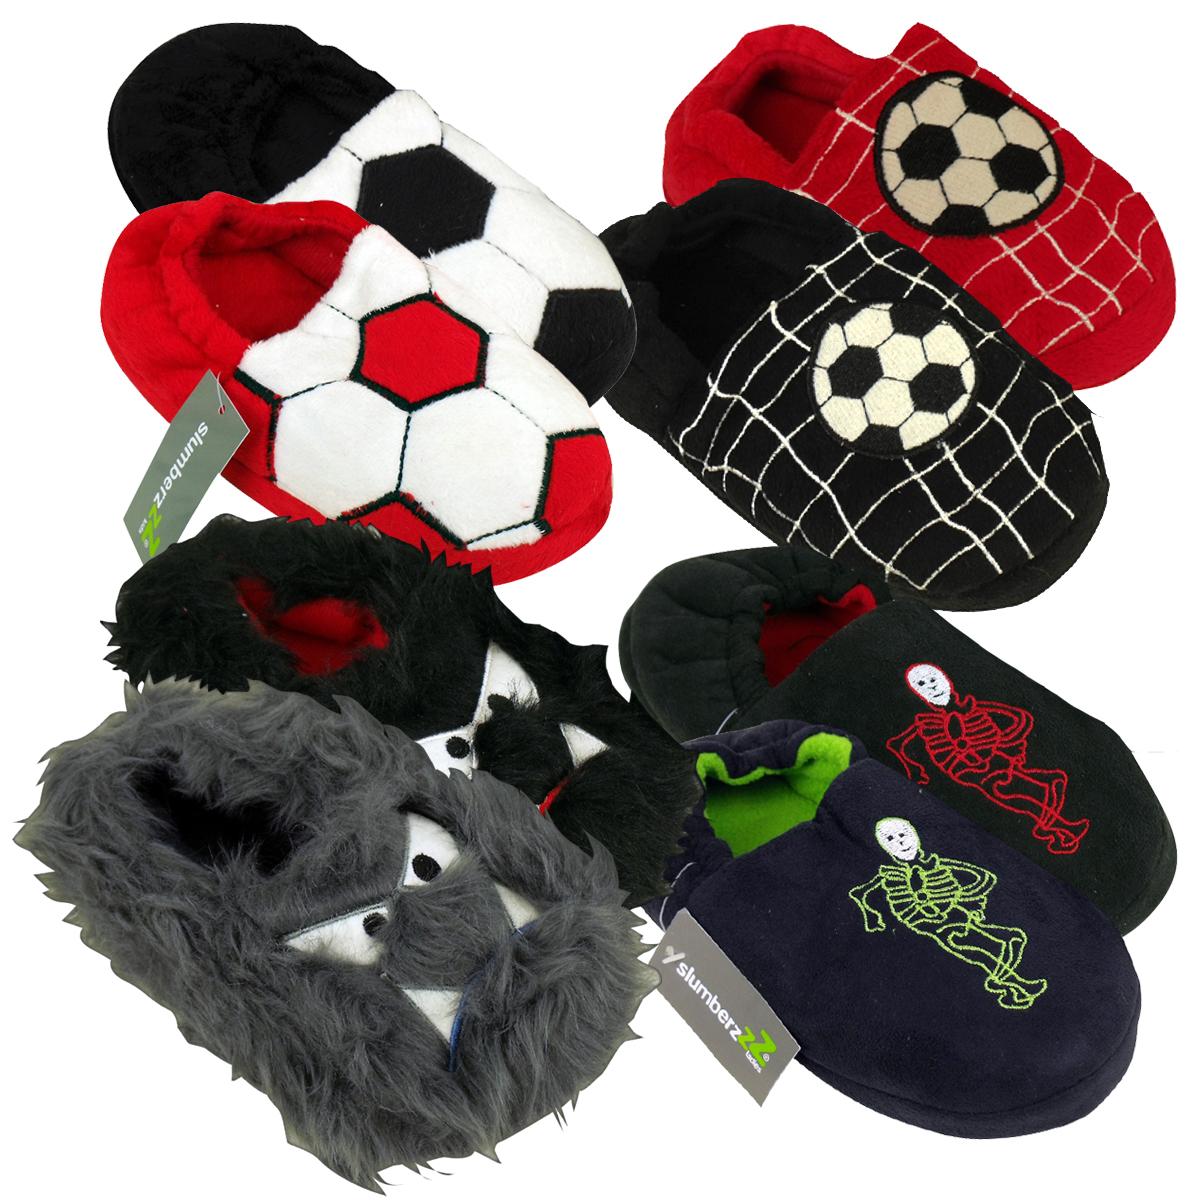 Boys Football Childrens Slipper Kids